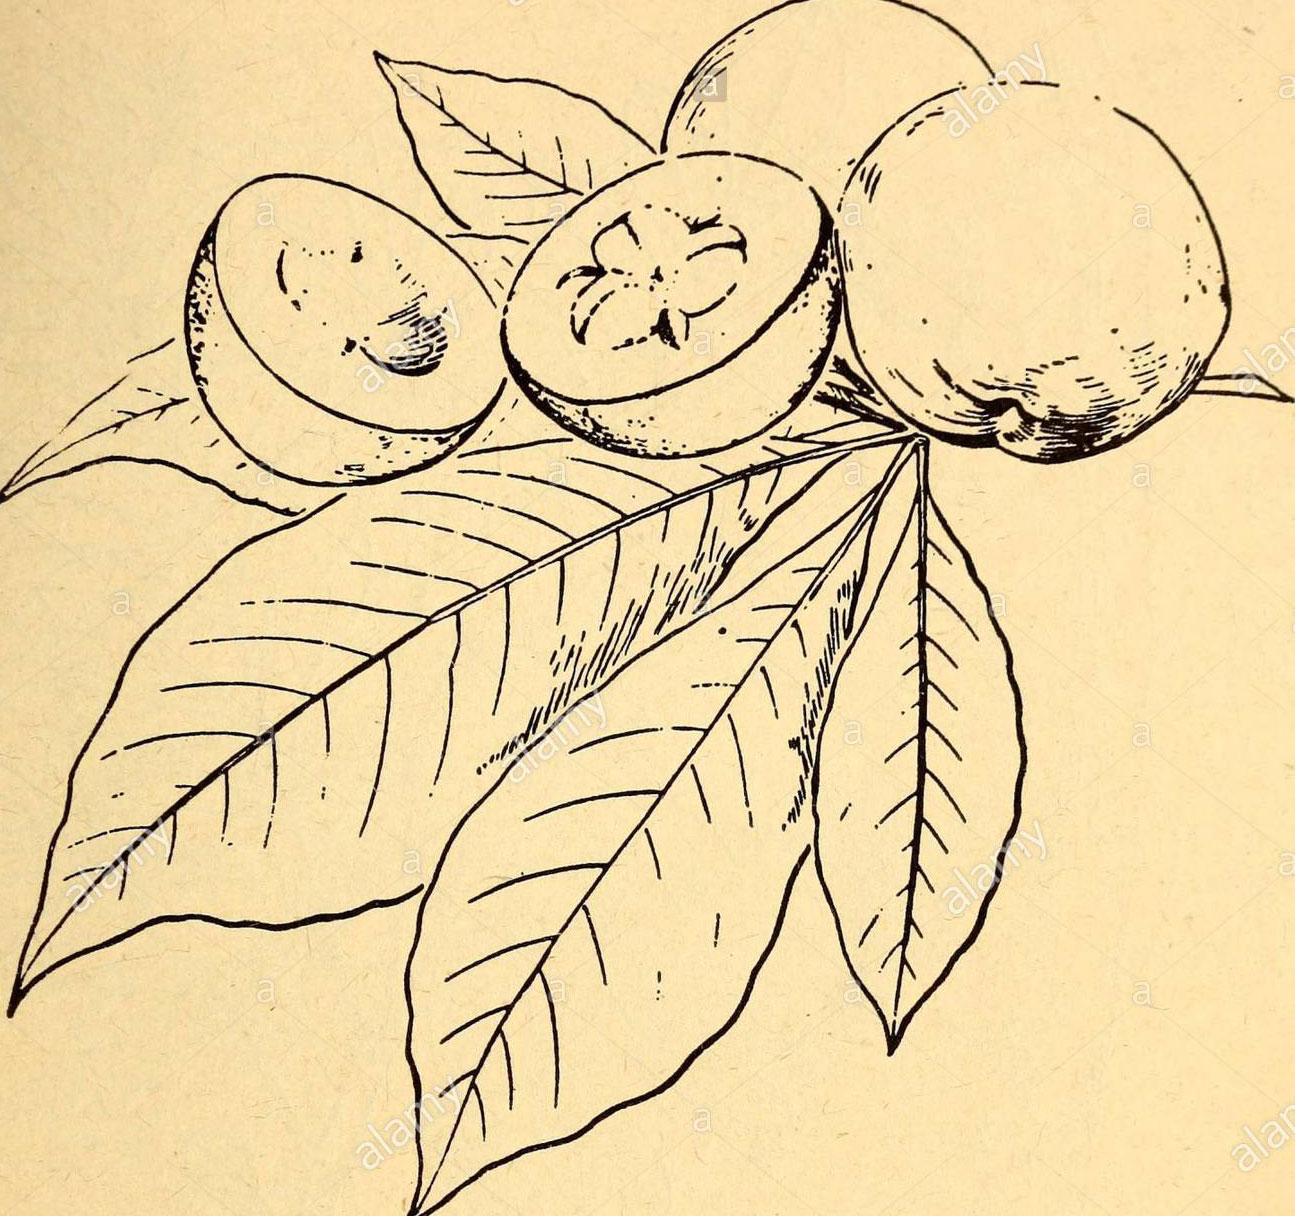 Sketch-of-White-sapote